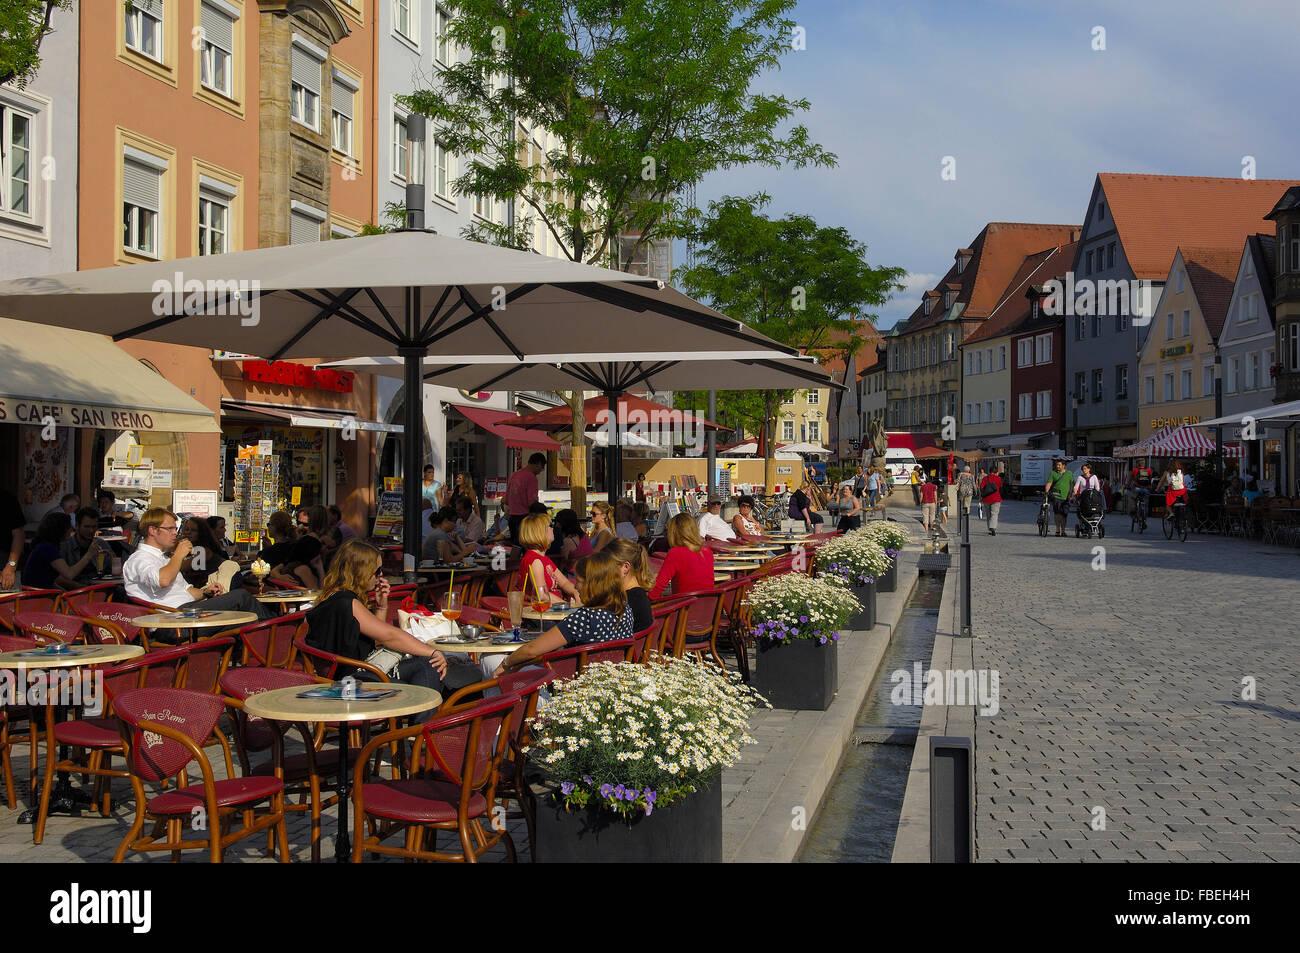 Bayreuth, Maximilian street, Upper Franconia, Franconia, Bavaria, Germany - Stock Image